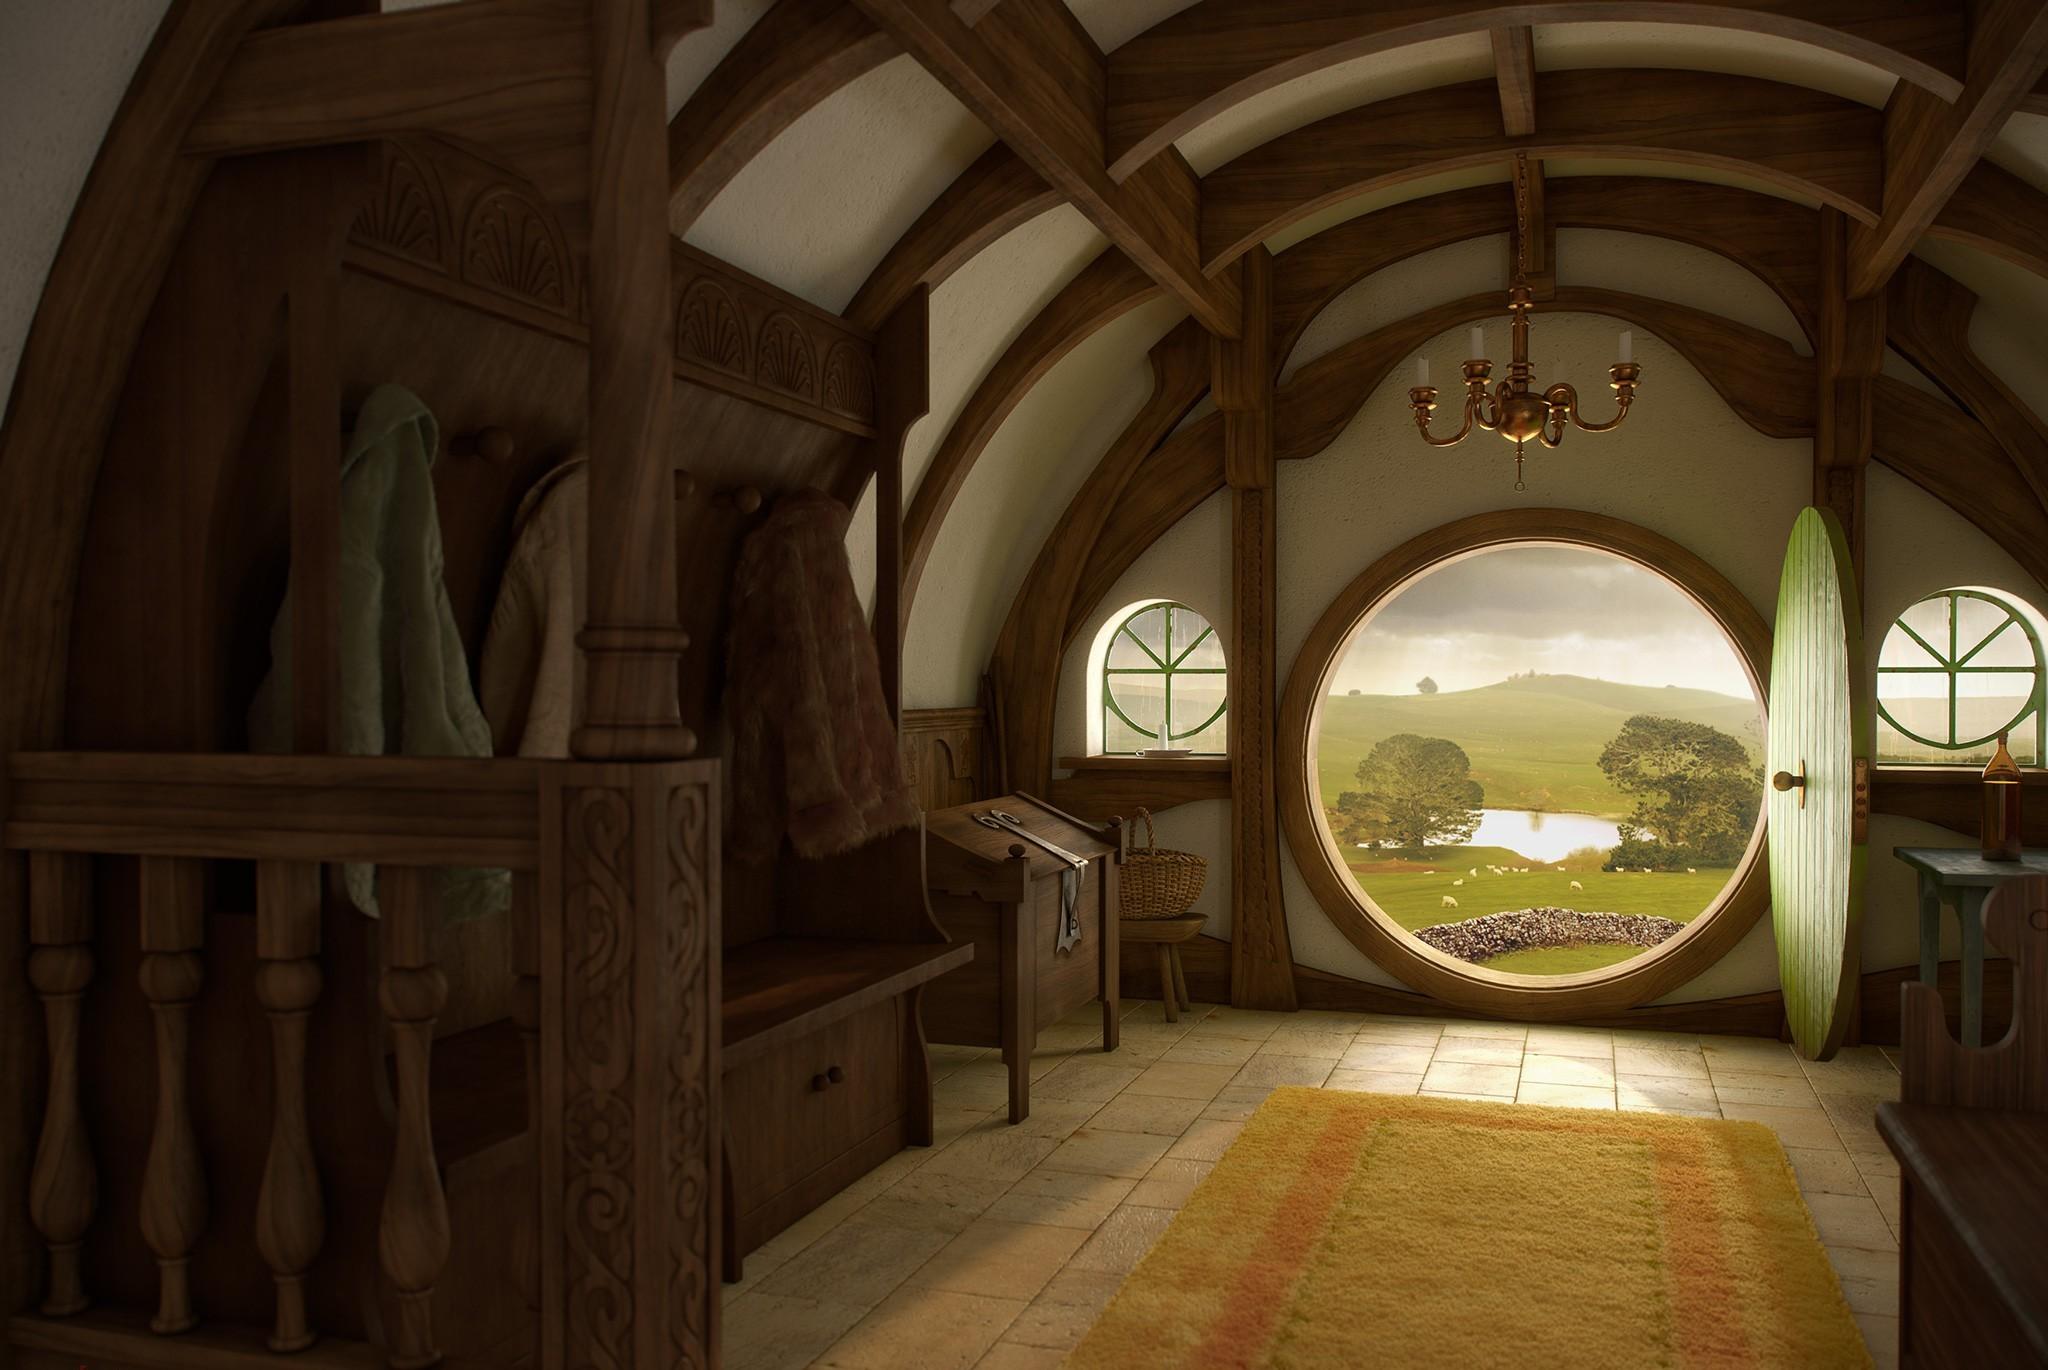 hobbit width hole home interior door wallpaper   ForWallpapercom 2048x1370